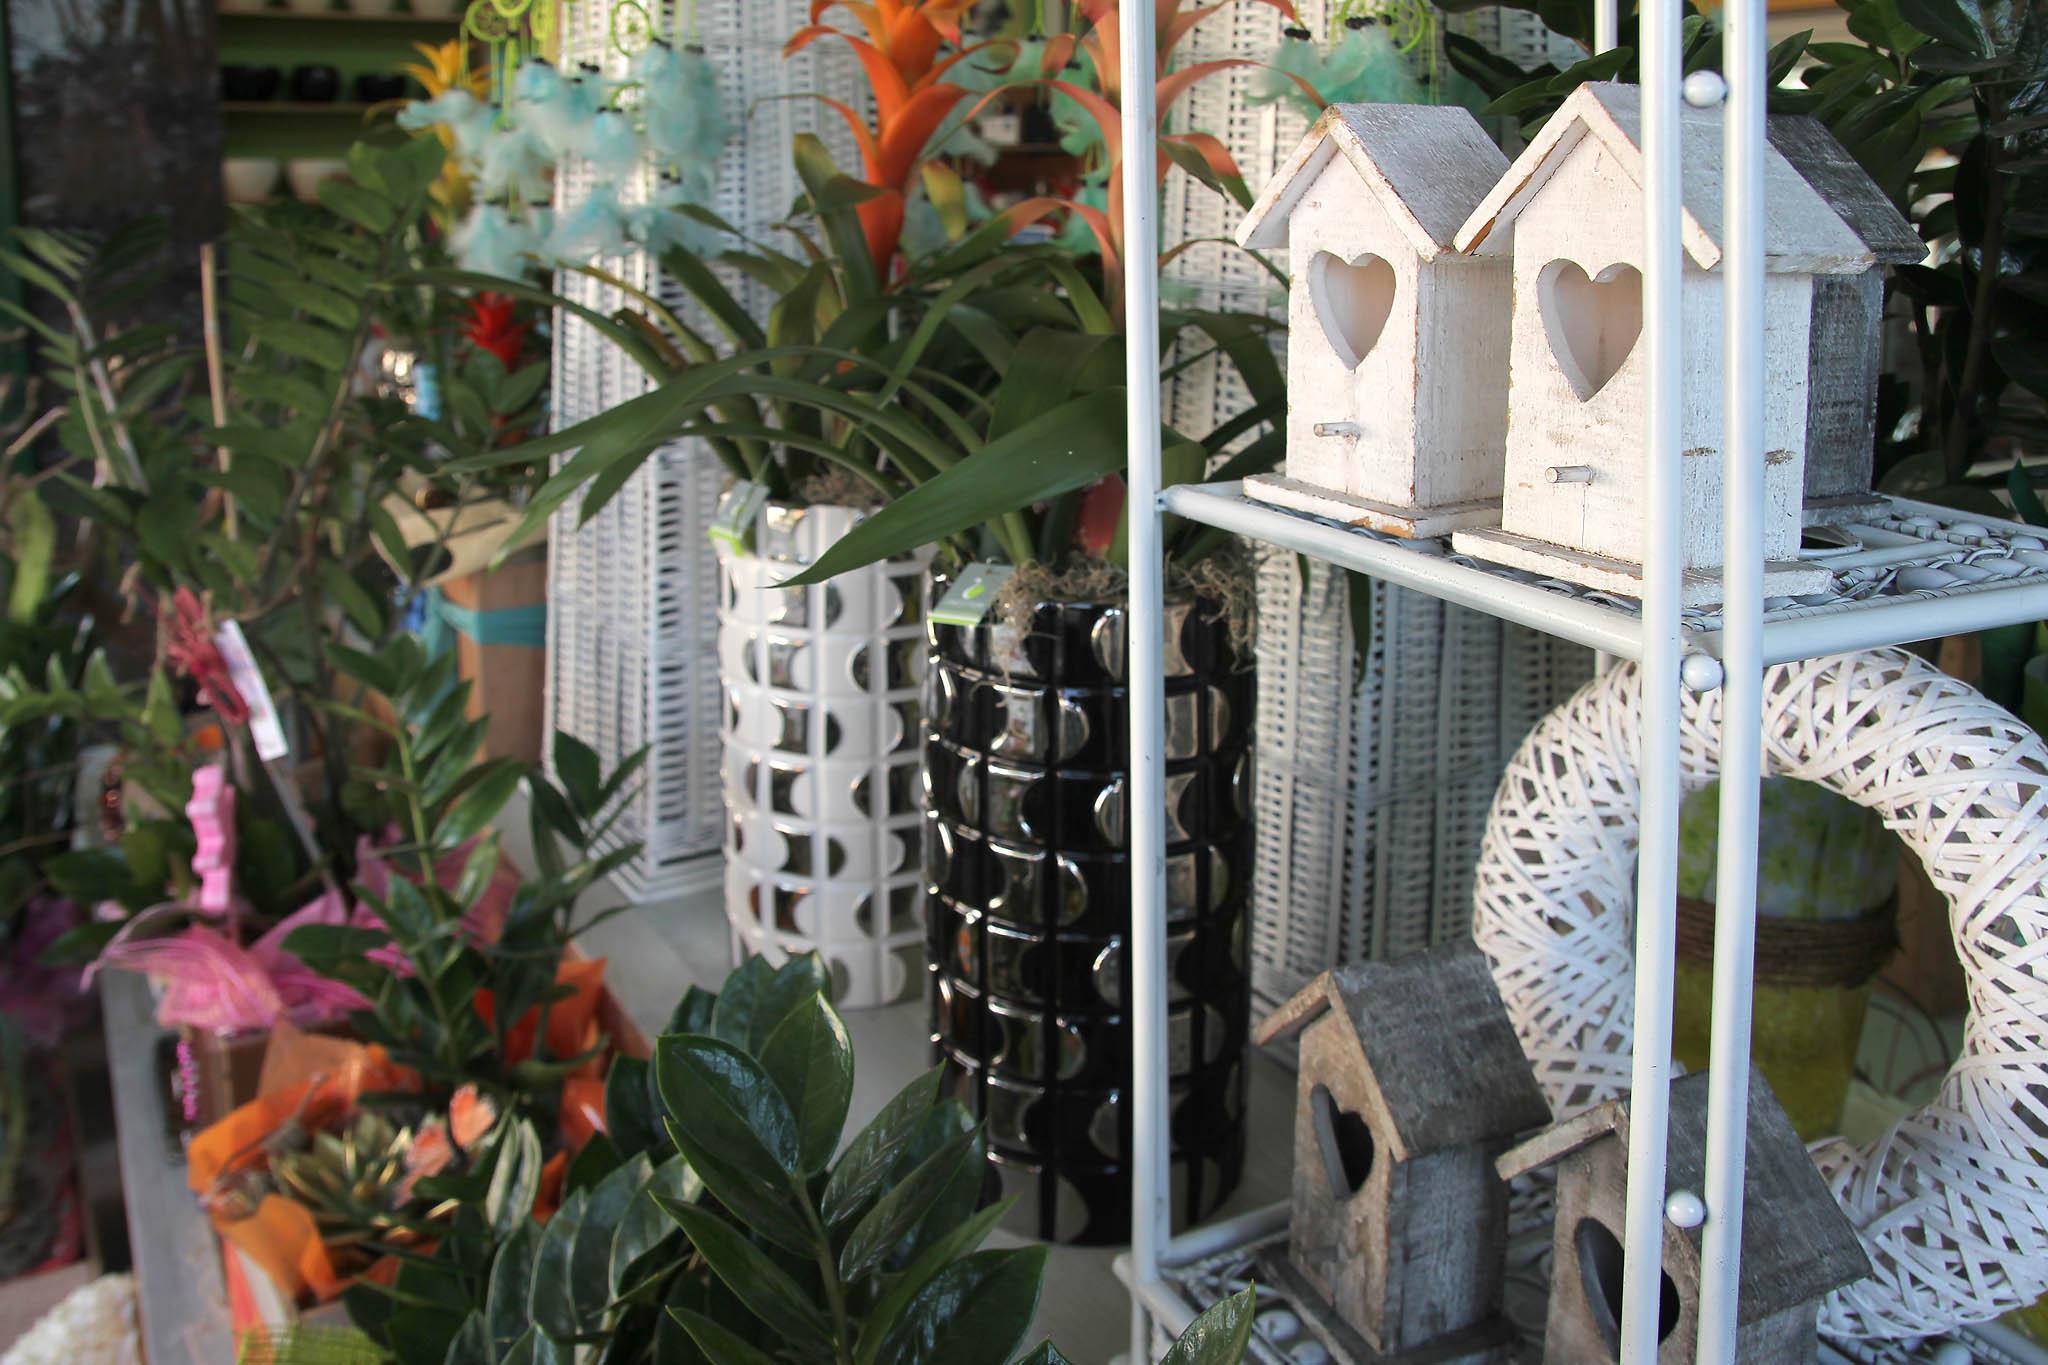 Цветочный магазин Unico Fiori